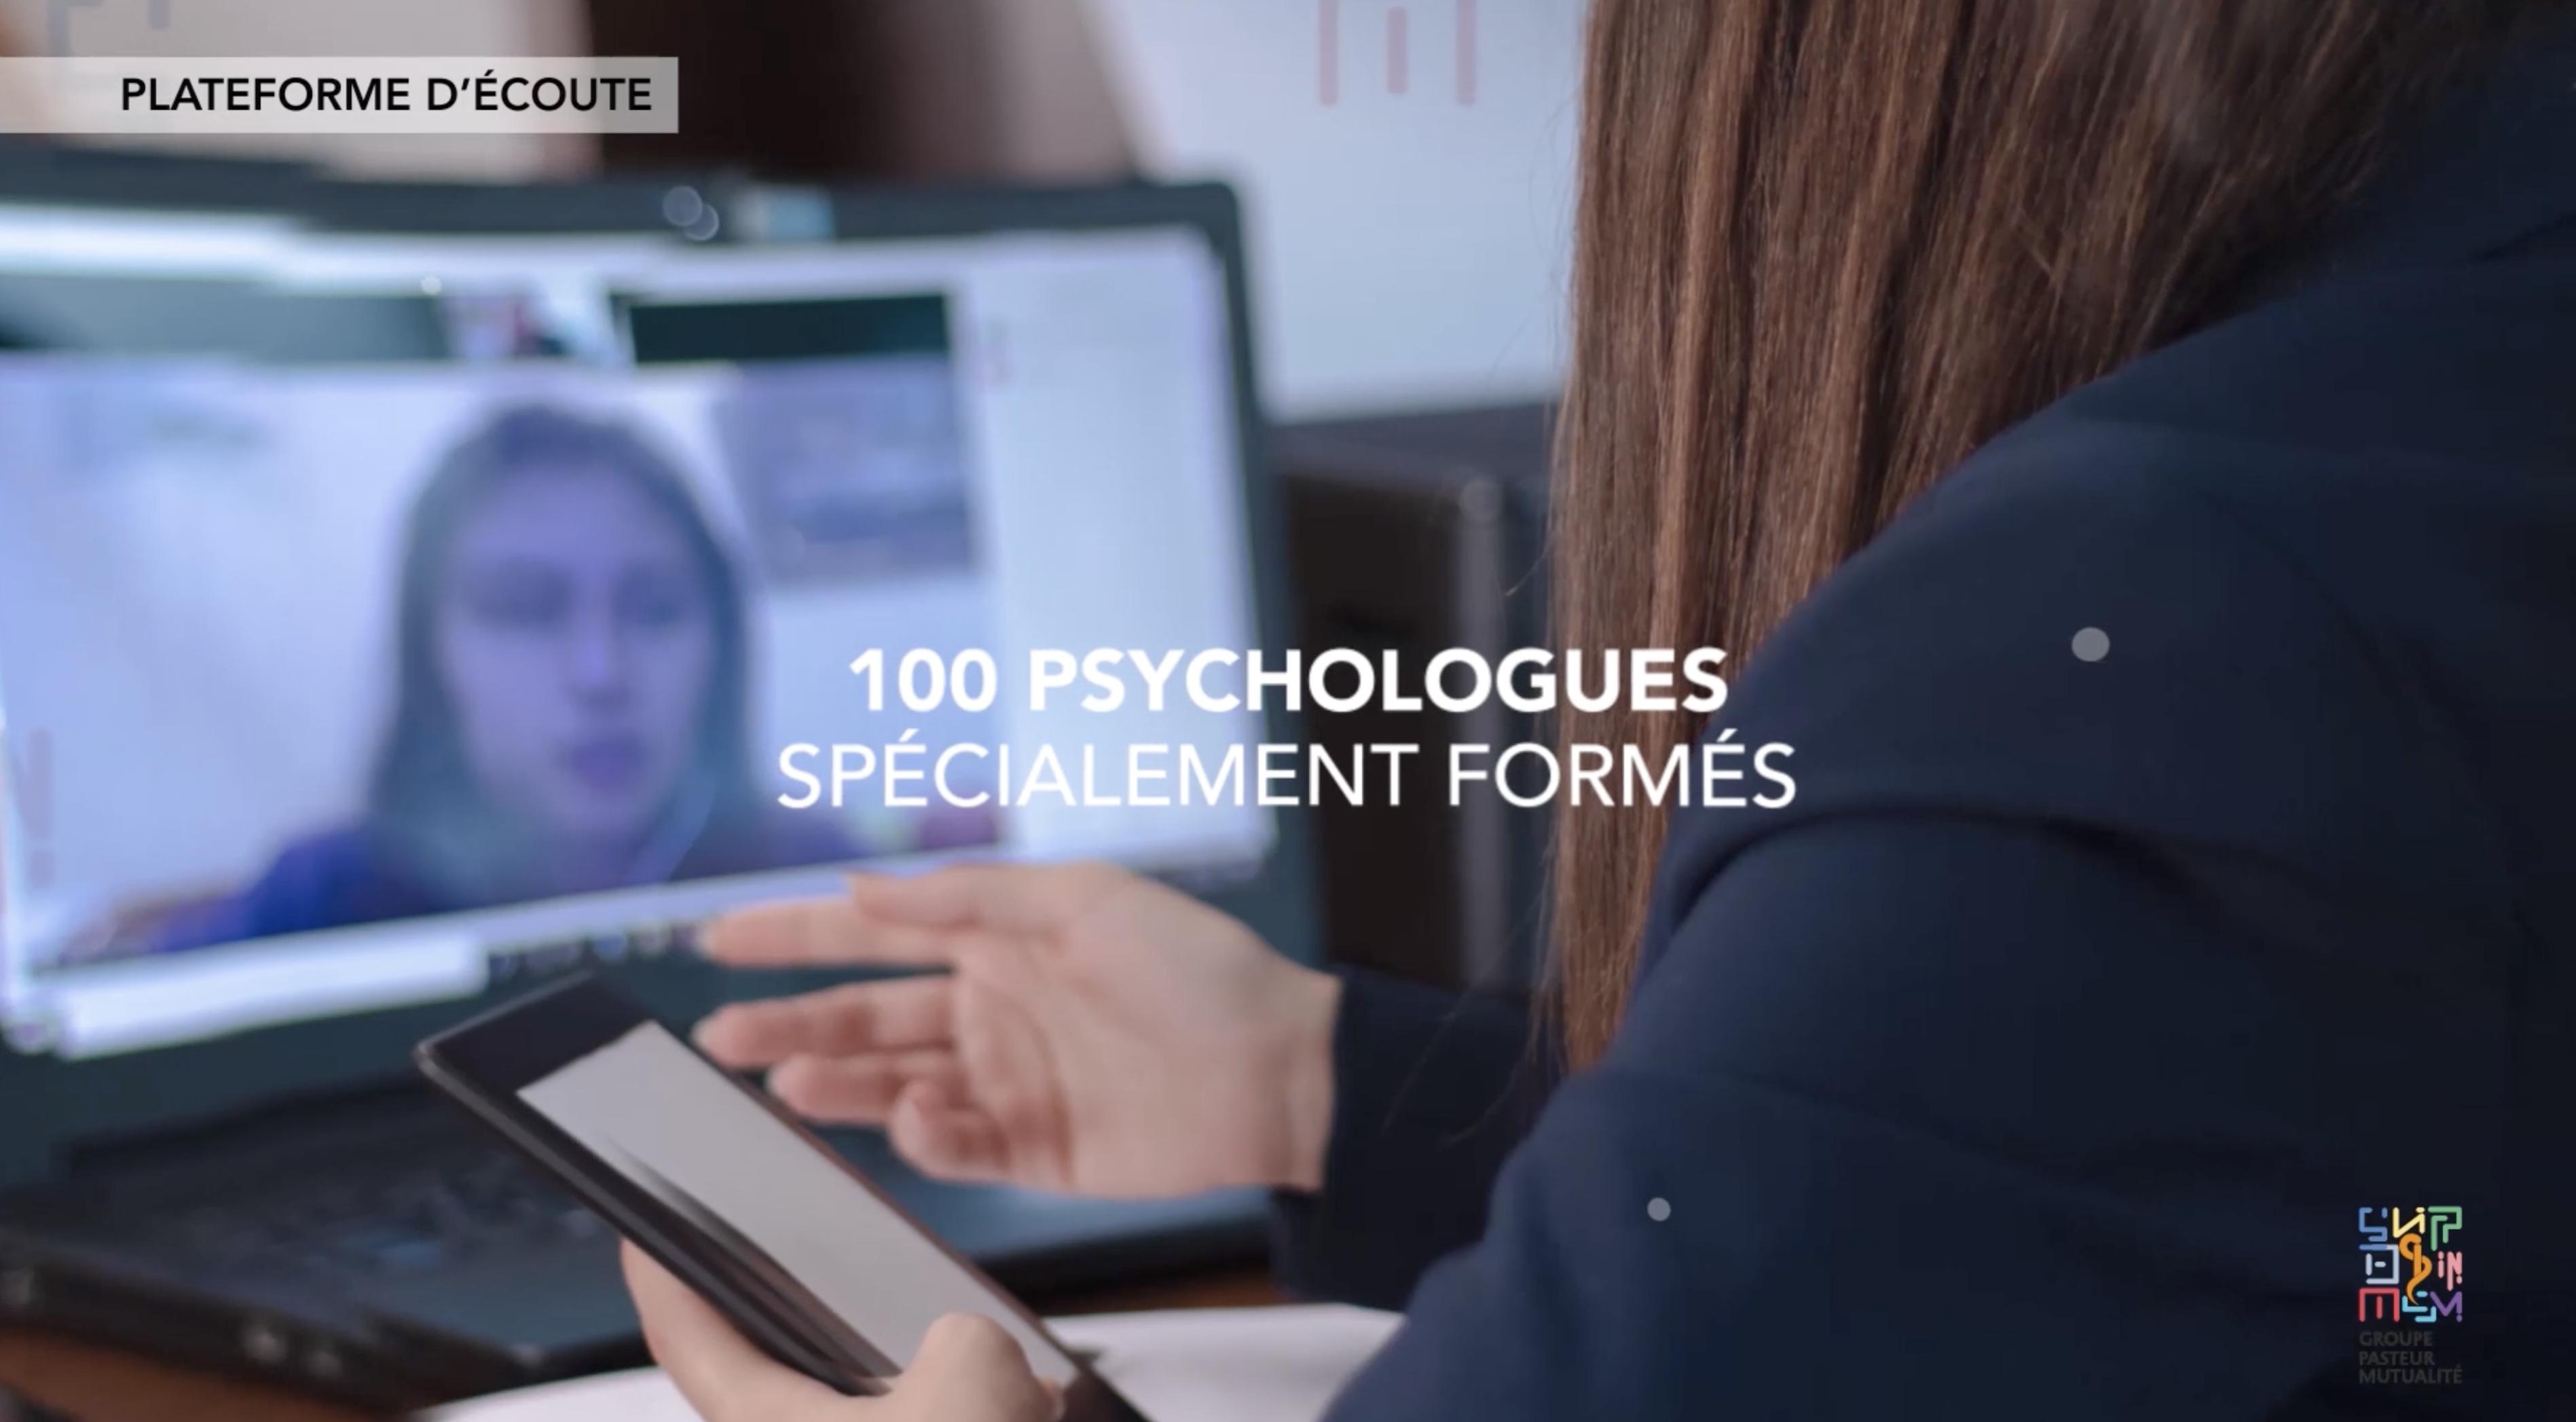 Notre plateforme de soutien psychologique est accessible 24/24H, elle propose une mise en relation avec un réseau de 100 psychologues spécialement formés aux situations de stress précoce ou post-traumatique.